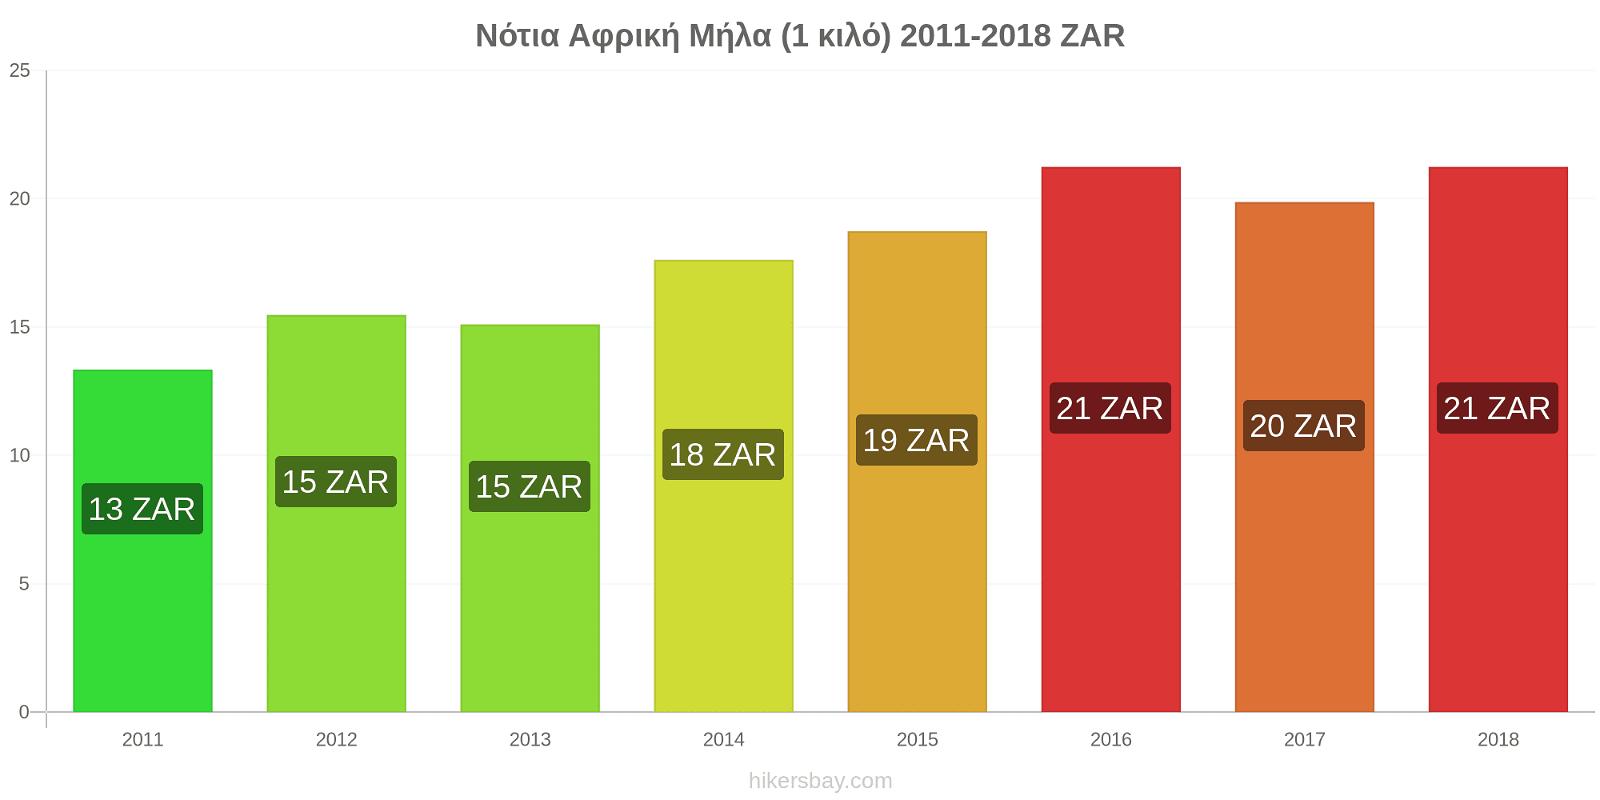 Νότια Αφρική αλλαγές τιμών Μήλα (1 κιλό) hikersbay.com